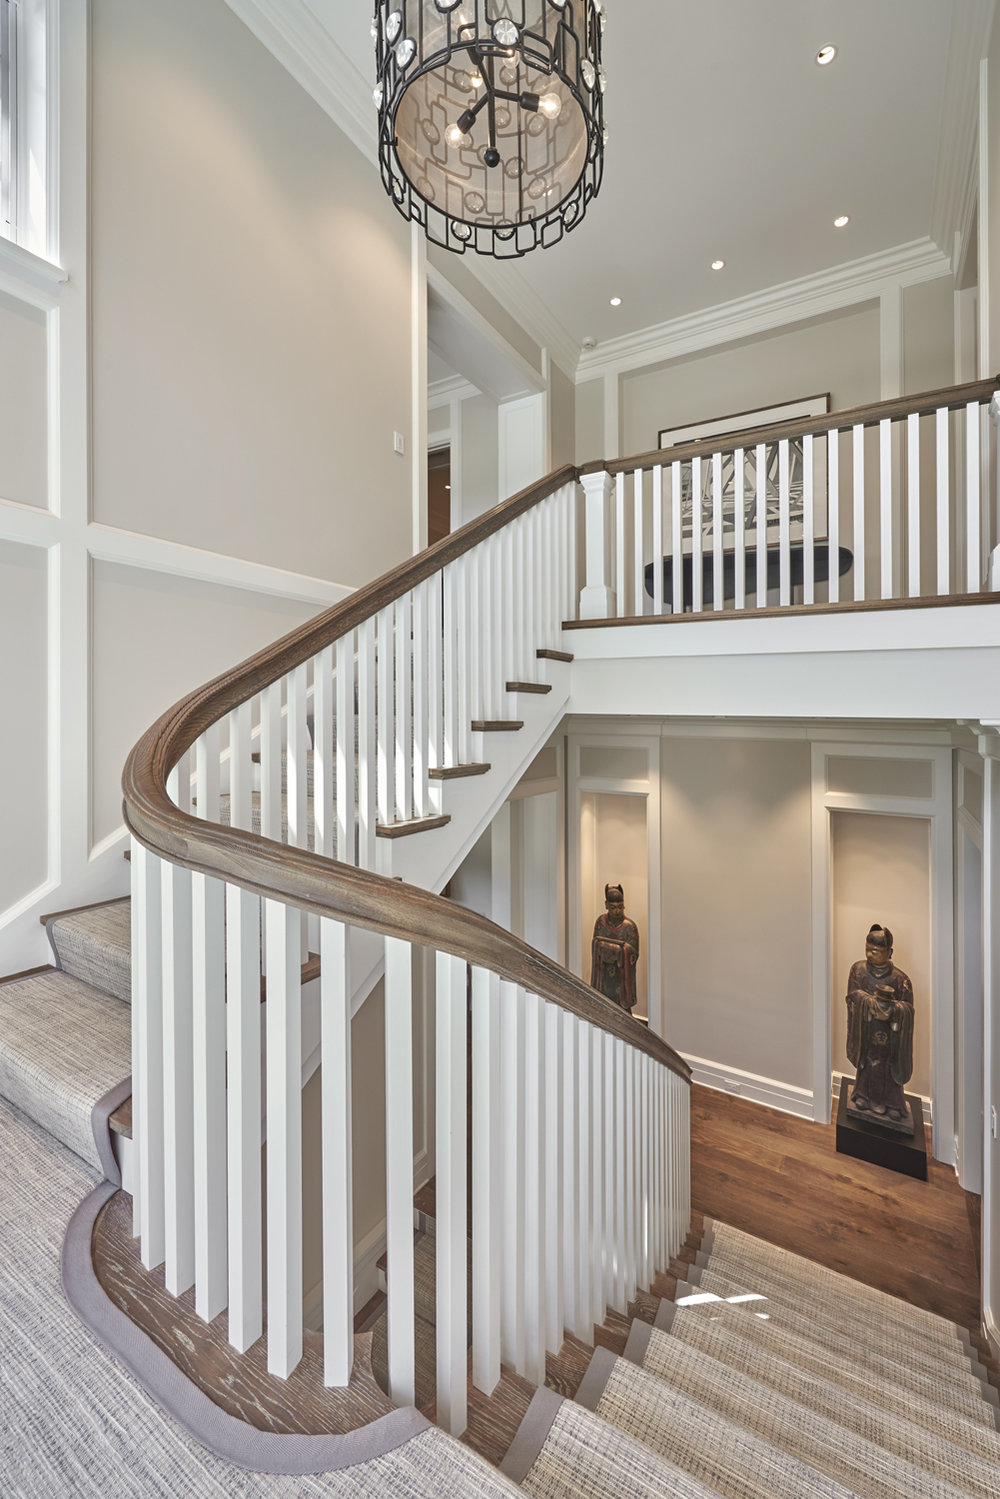 New-construction-staircase-chandelier-westport-ct-interior-w.jpg